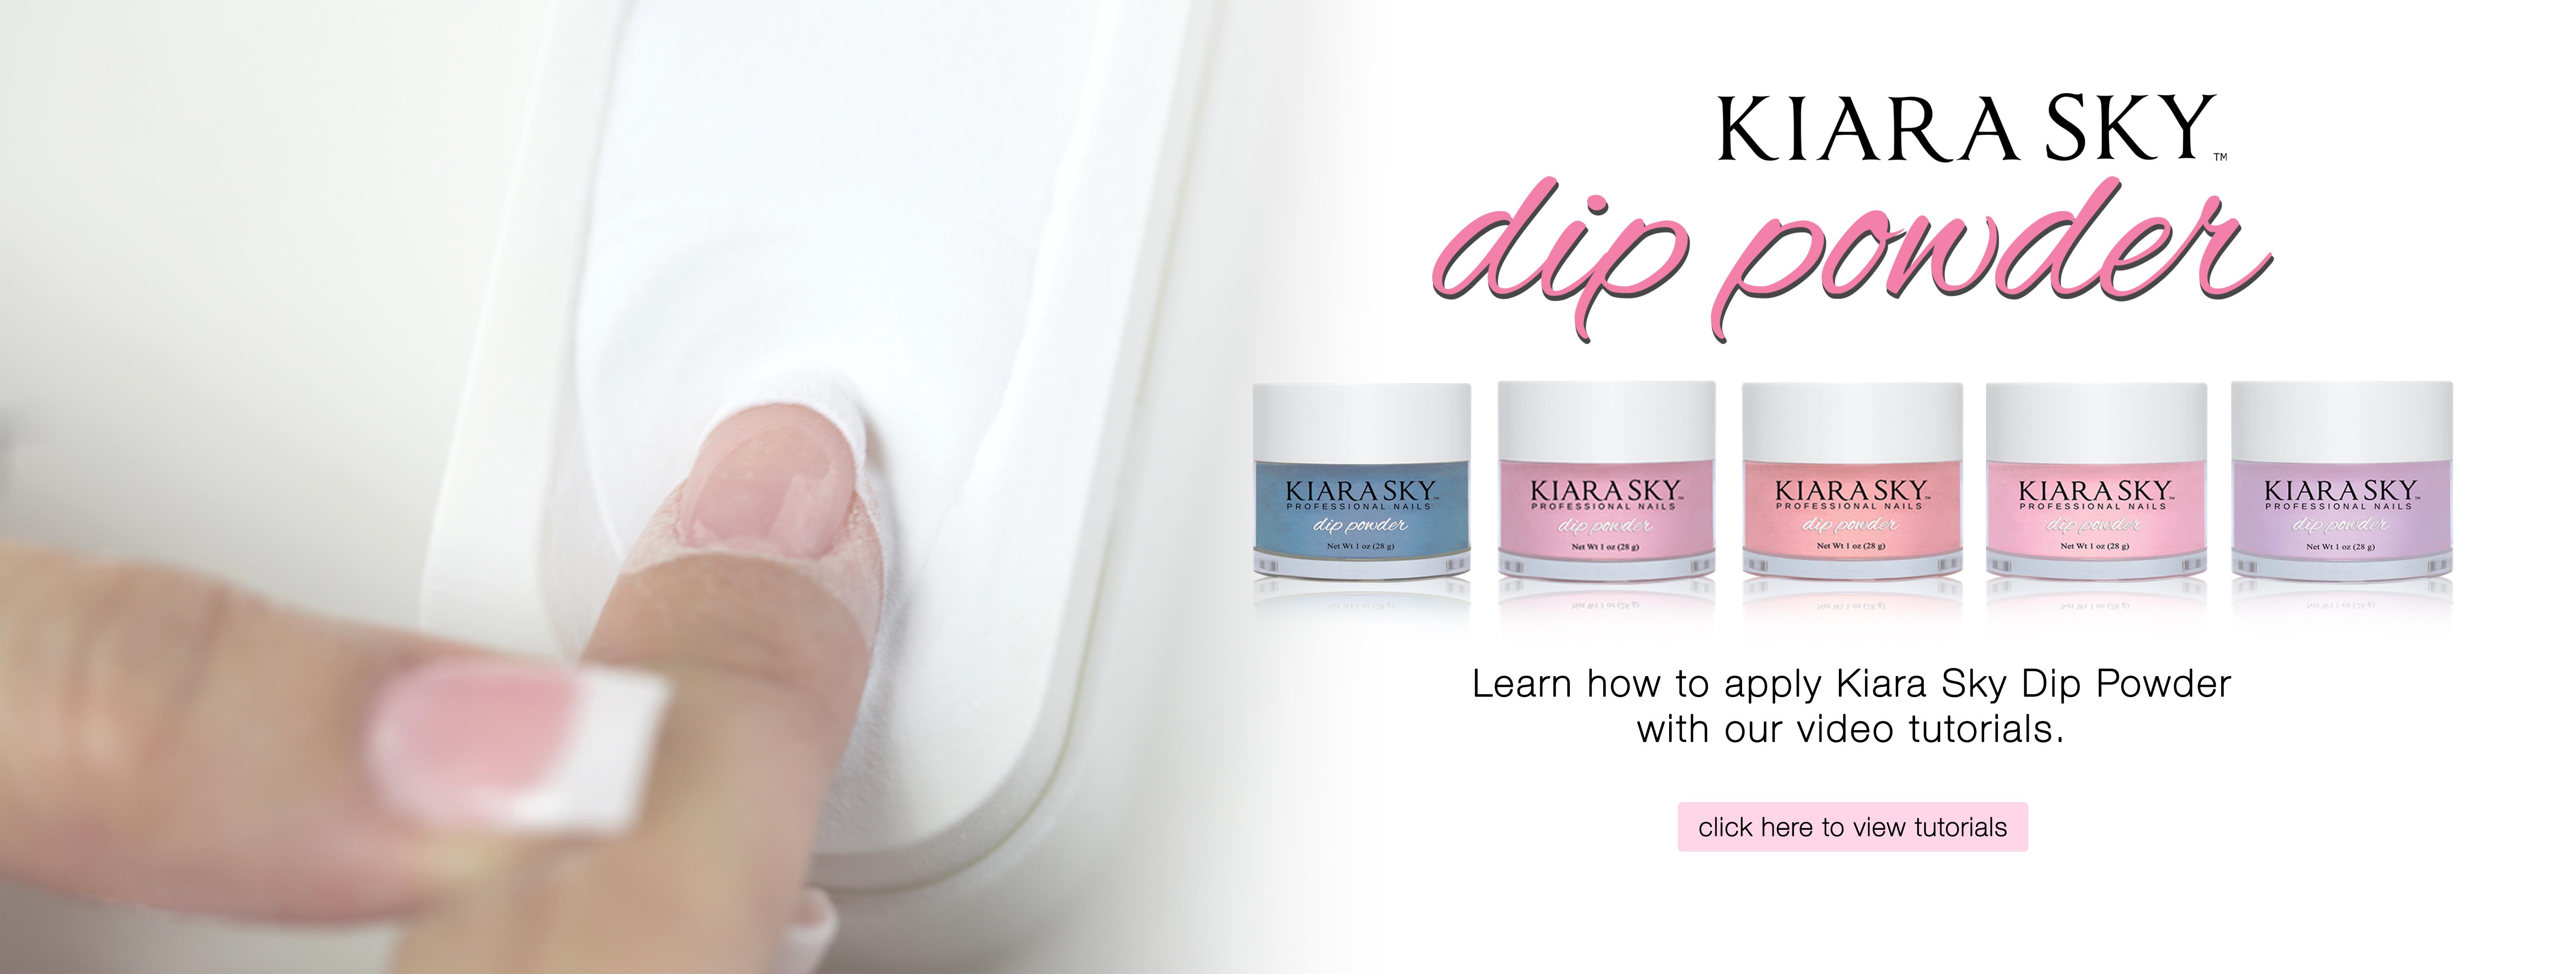 kiarasky.com | Website Review for kiarasky.com | WooRank.com